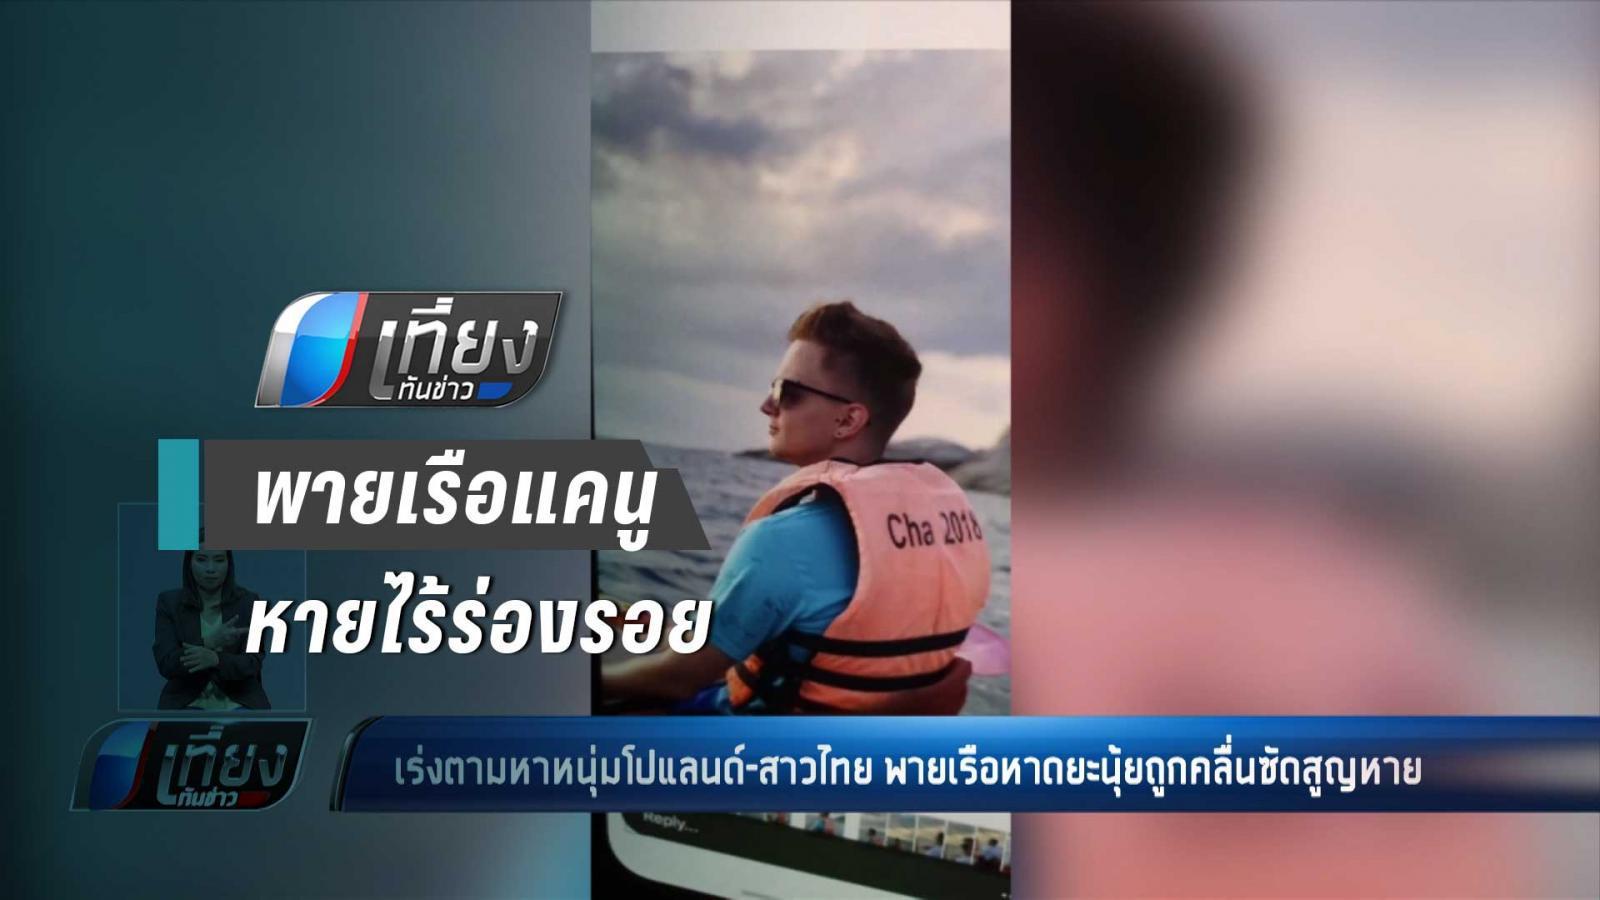 หนุ่มโปแลนด์-สาวไทยพายเรือแคนูหาดยะนุ้ยหายไร้ร่องรอย